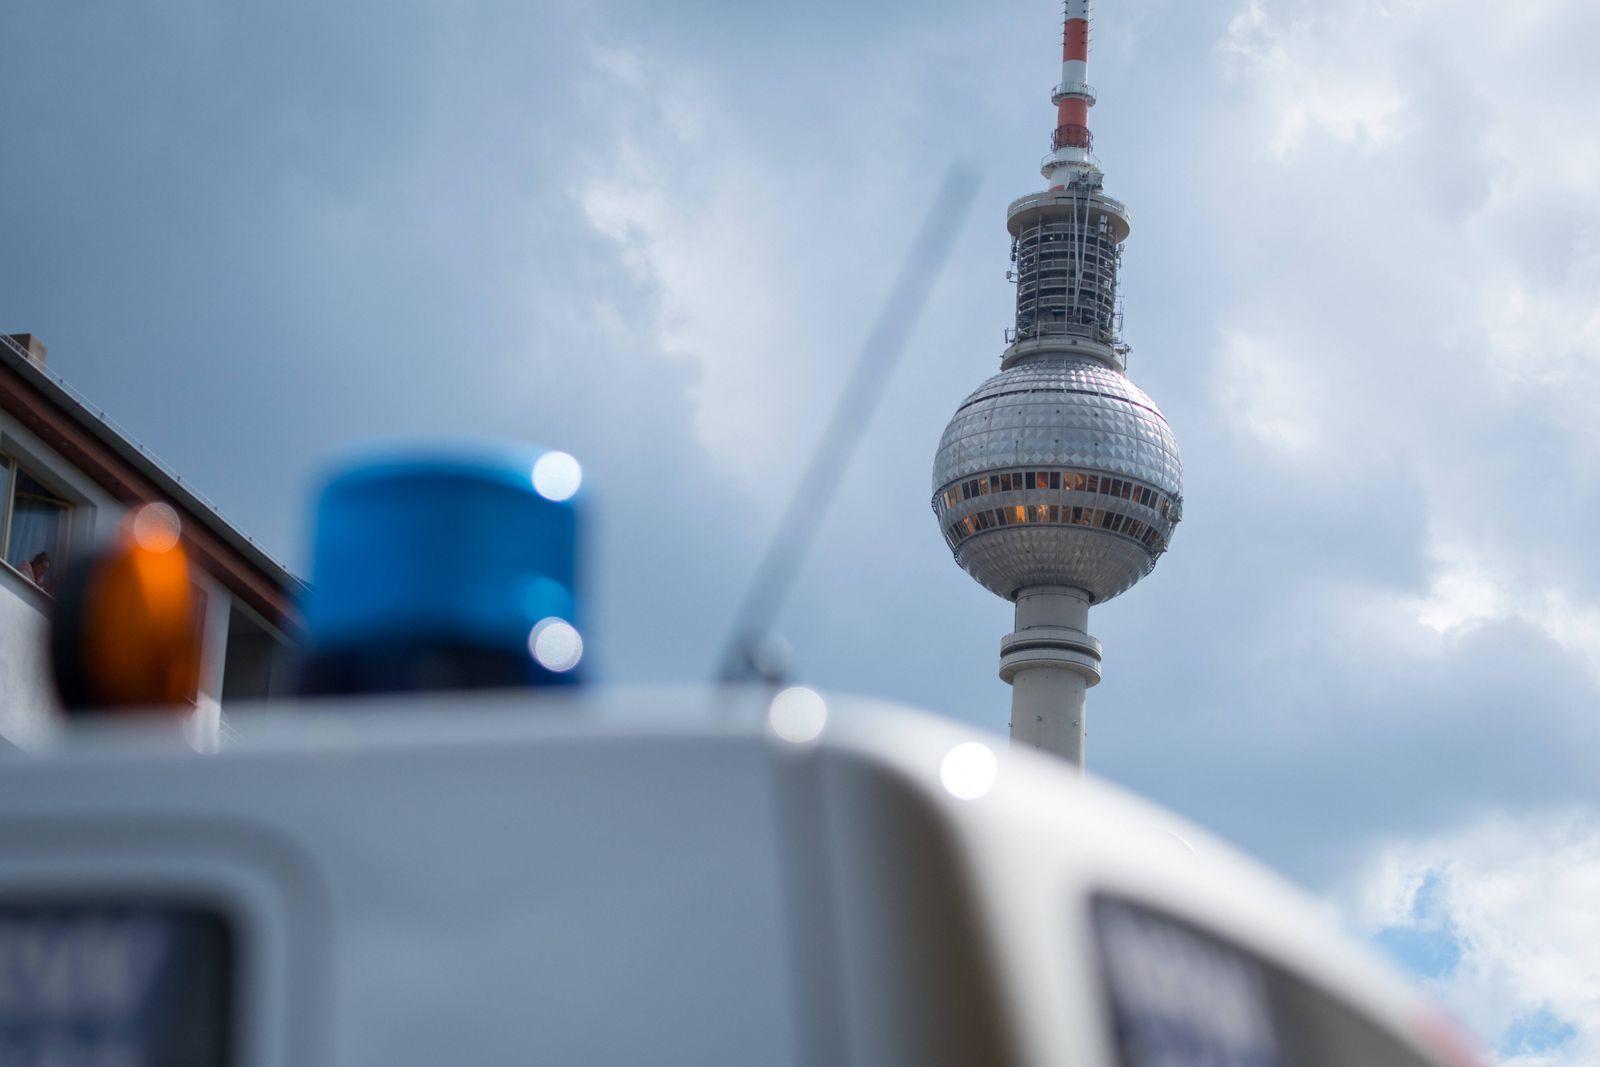 Berlin, Protest am 1. Mai Deutschland, Berlin - 01.05.2020: Im Bild ist der Fernsehturm und das Blaulicht von einem Pol